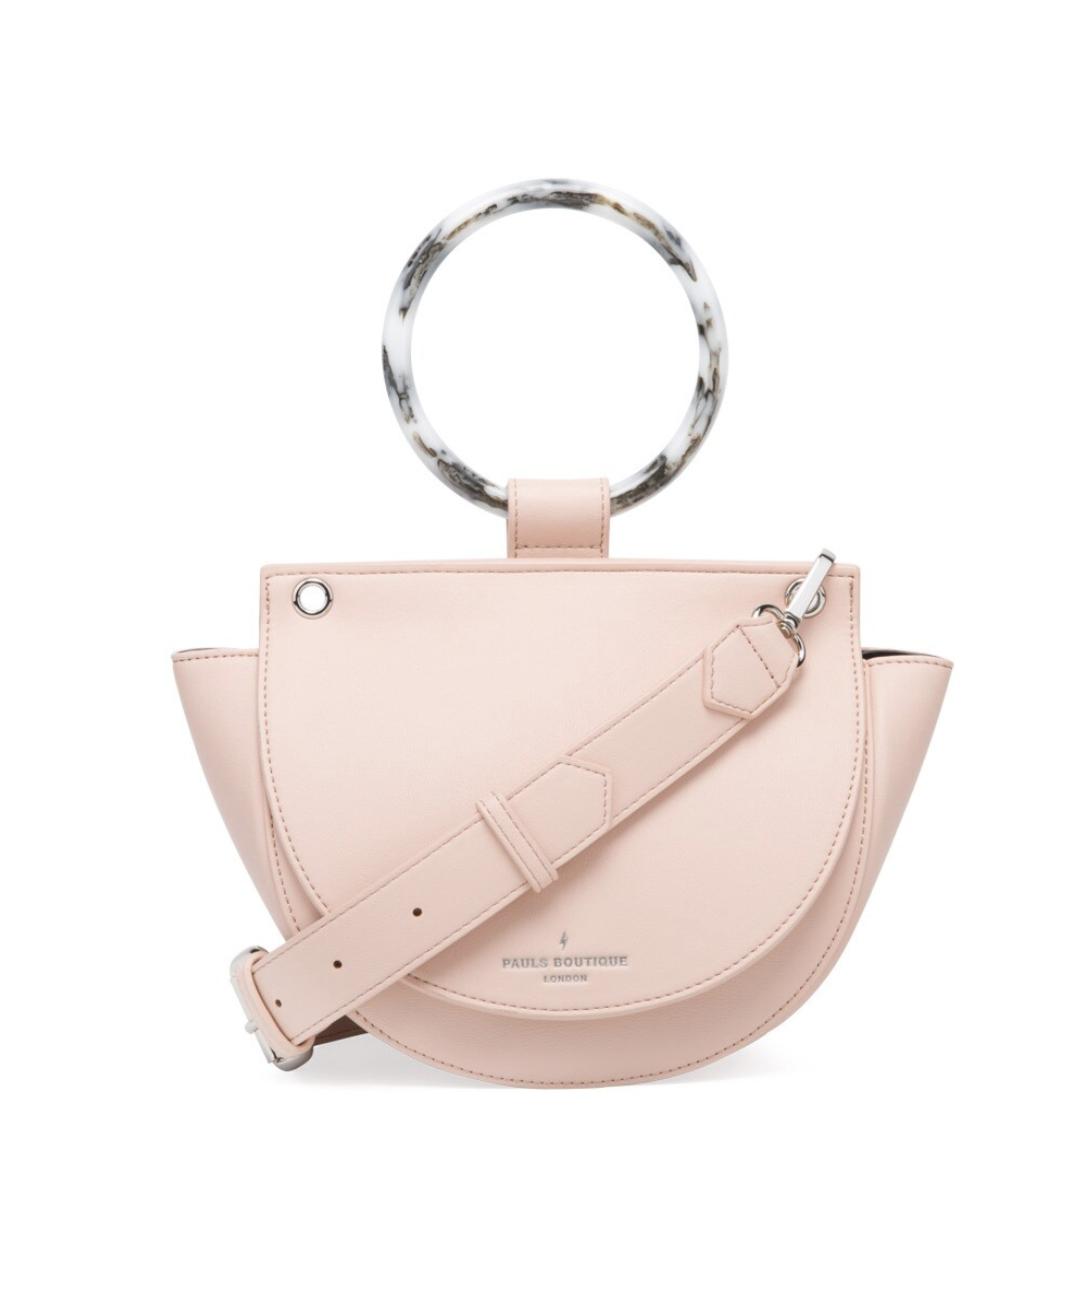 Bolso de mano Paul's Boutique en rosa con solapa